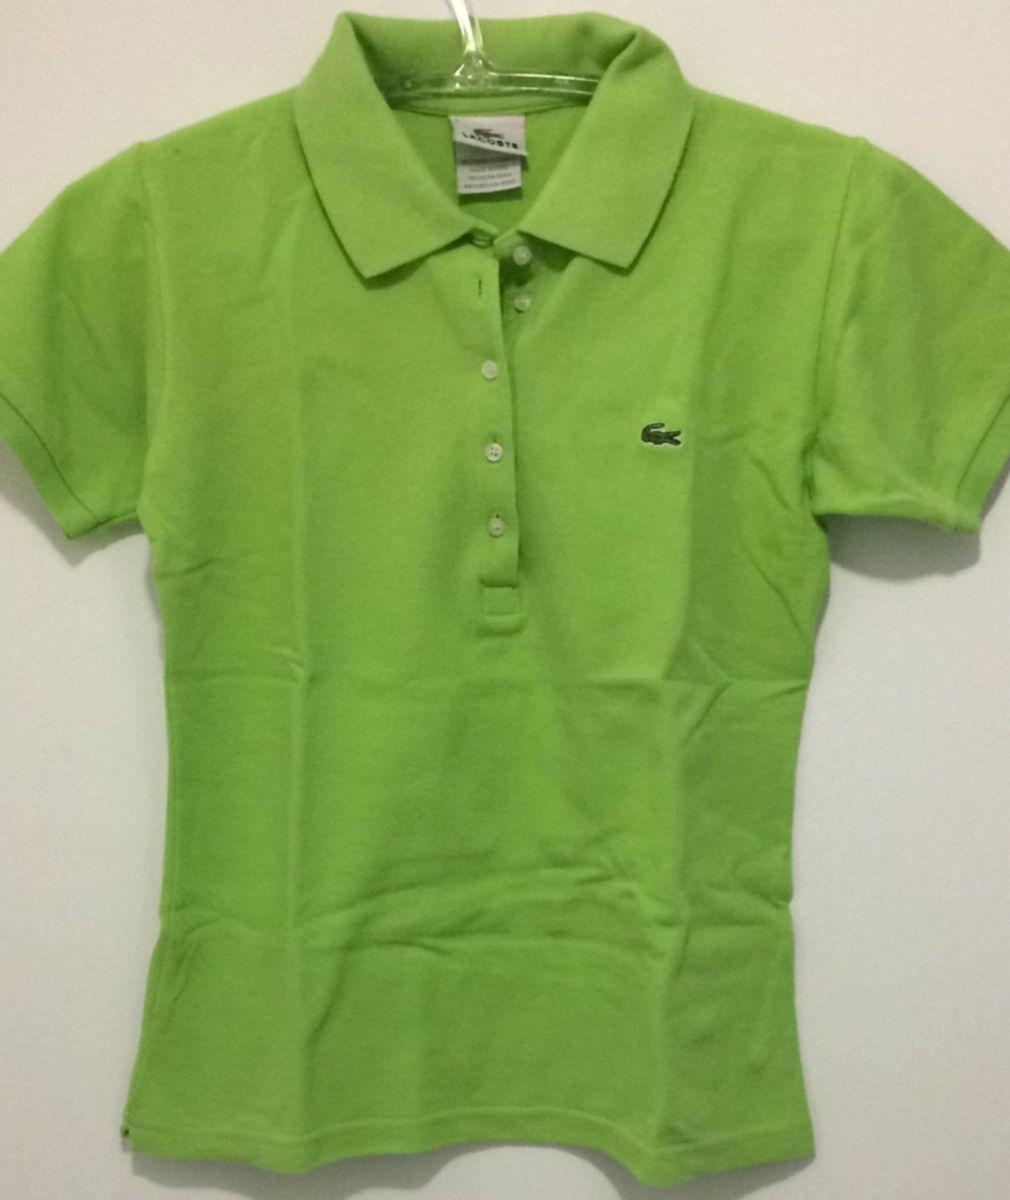 camisa polo lacoste feminina - camisas lacoste.  Czm6ly9wag90b3muzw5qb2vplmnvbs5ici9wcm9kdwn0cy81otewndm3l2y3ztk3mmu0yzexzdeyodzkogzmzwqxzmm4yju5mgjmlmpwzw  ... 6b90938545